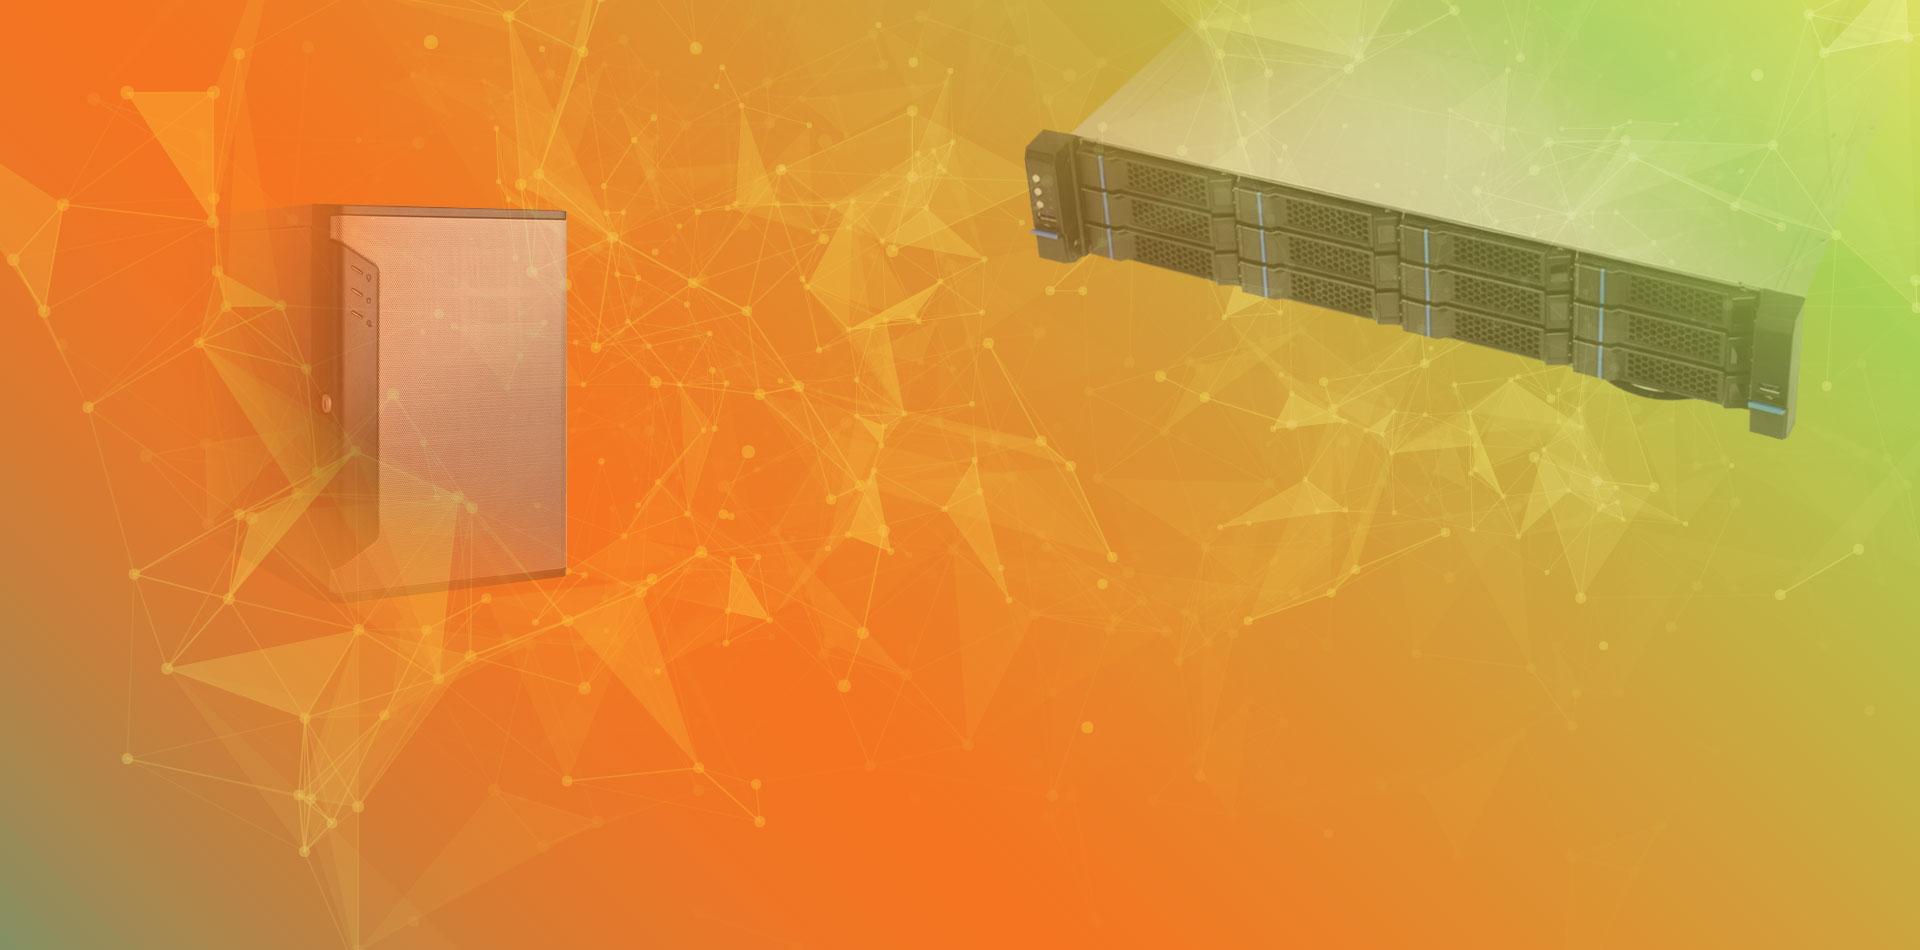 Wisenet WAVE soluciones de servidor optimizadas